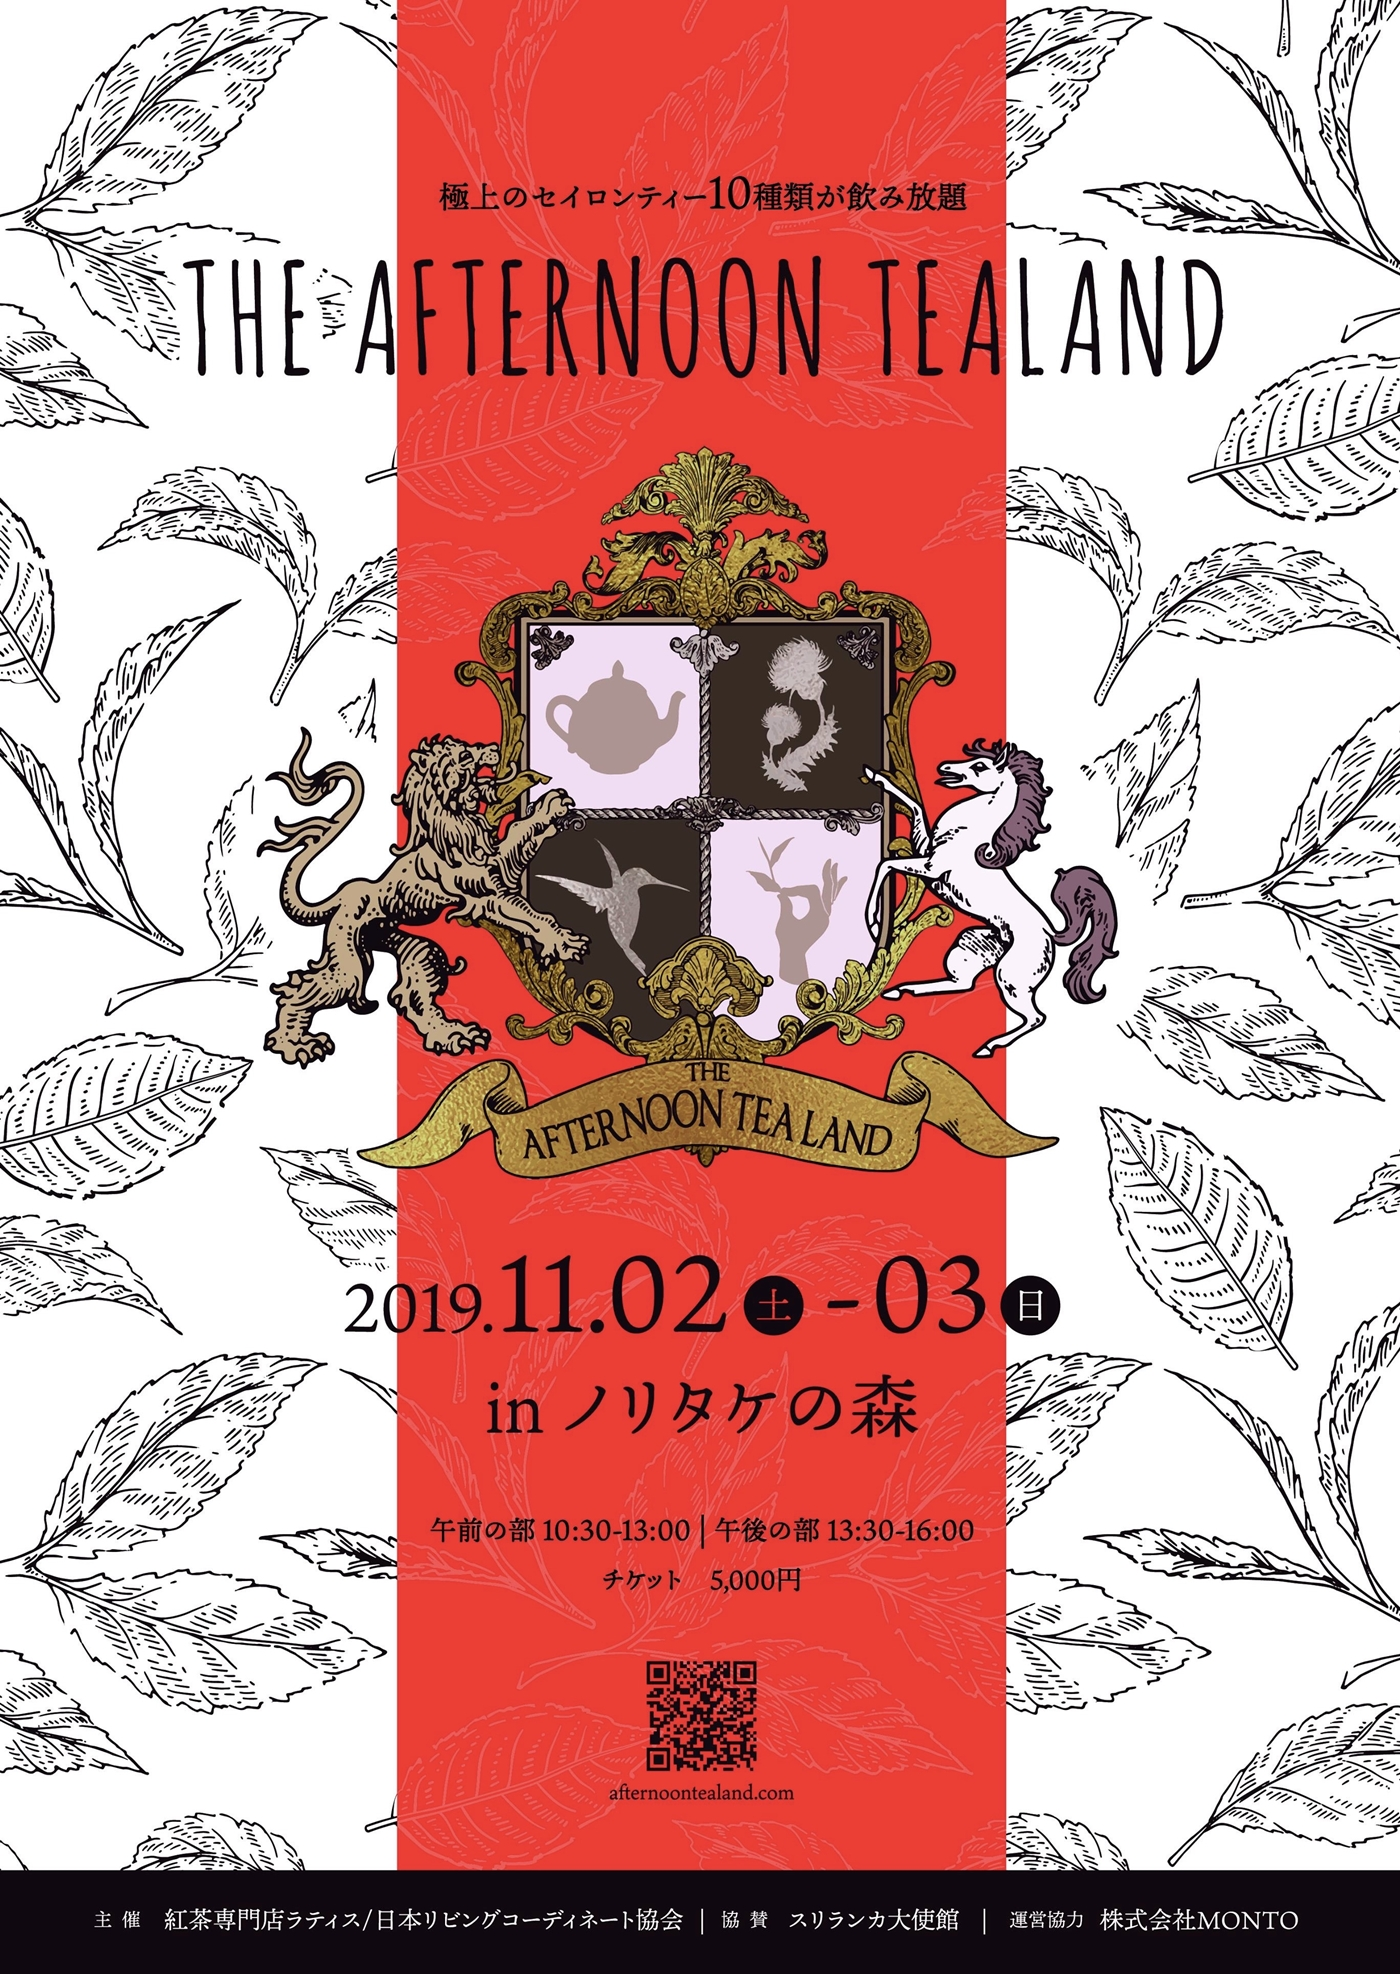 おいしい紅茶が飲み放題の「THE AFTERNOON TEALAND」がノリタケの森で今年も開催!